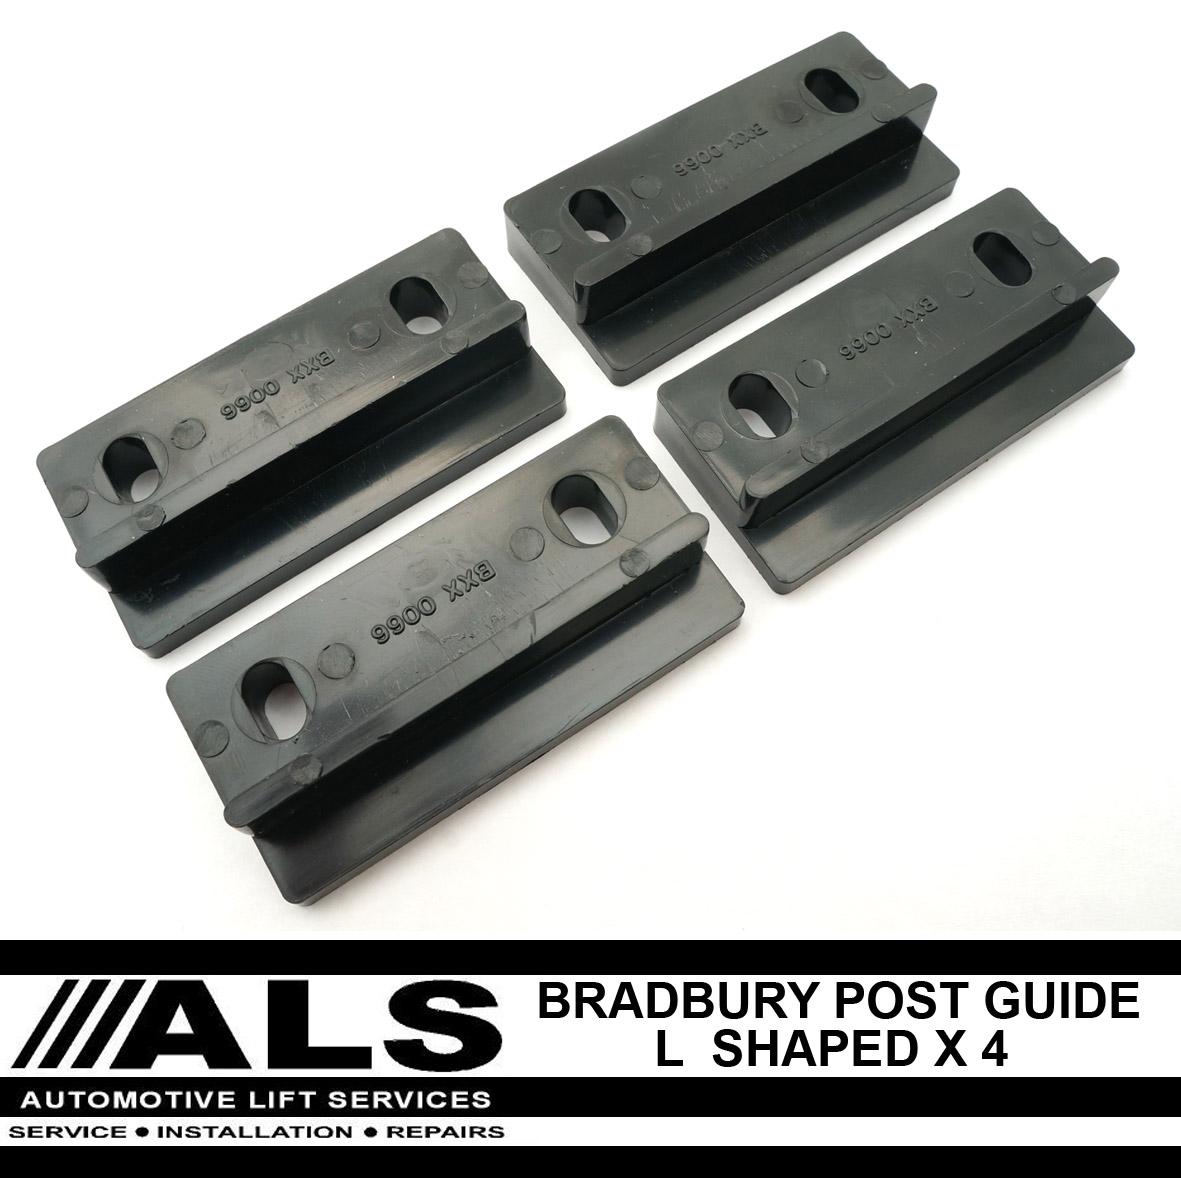 4 x Bradbury 40 Series Guide Blocks - L Shaped